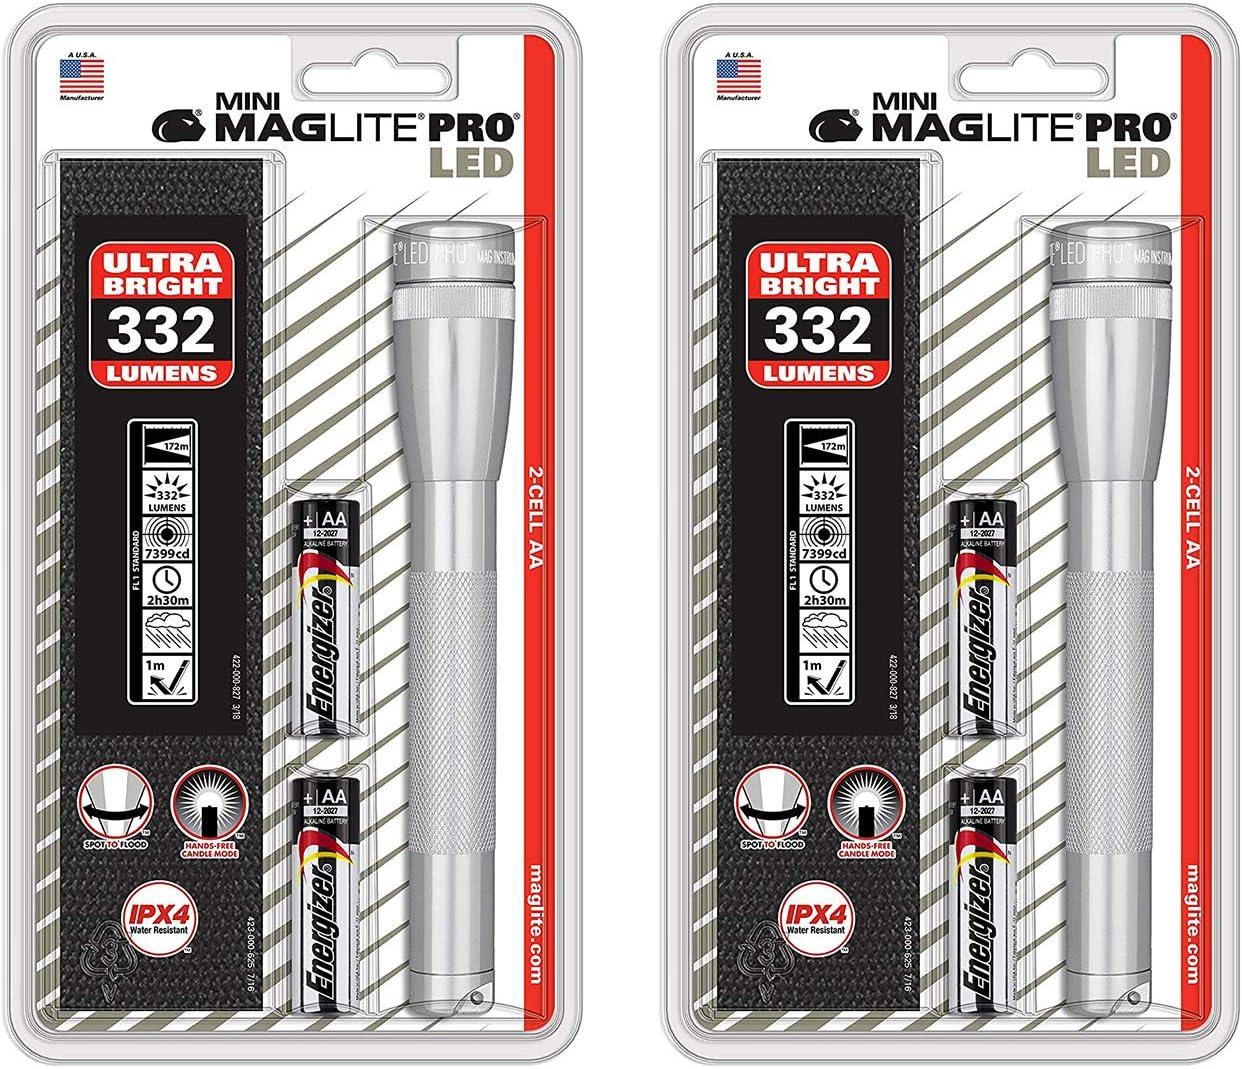 Maglite Mini 2xaa Pro Noir DEL Lampe torche Mag-lite